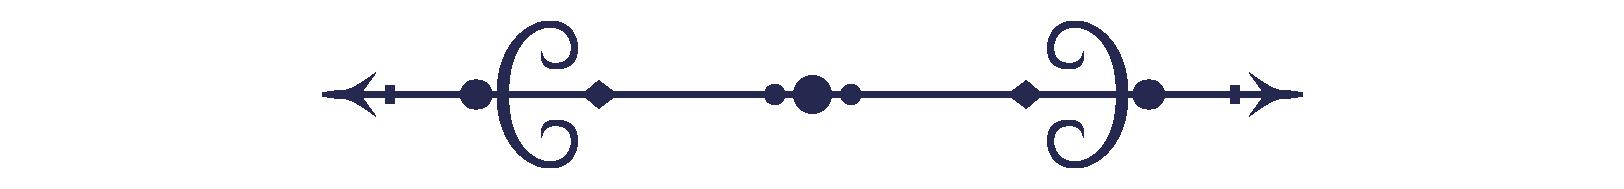 divisore sartoria leonardo